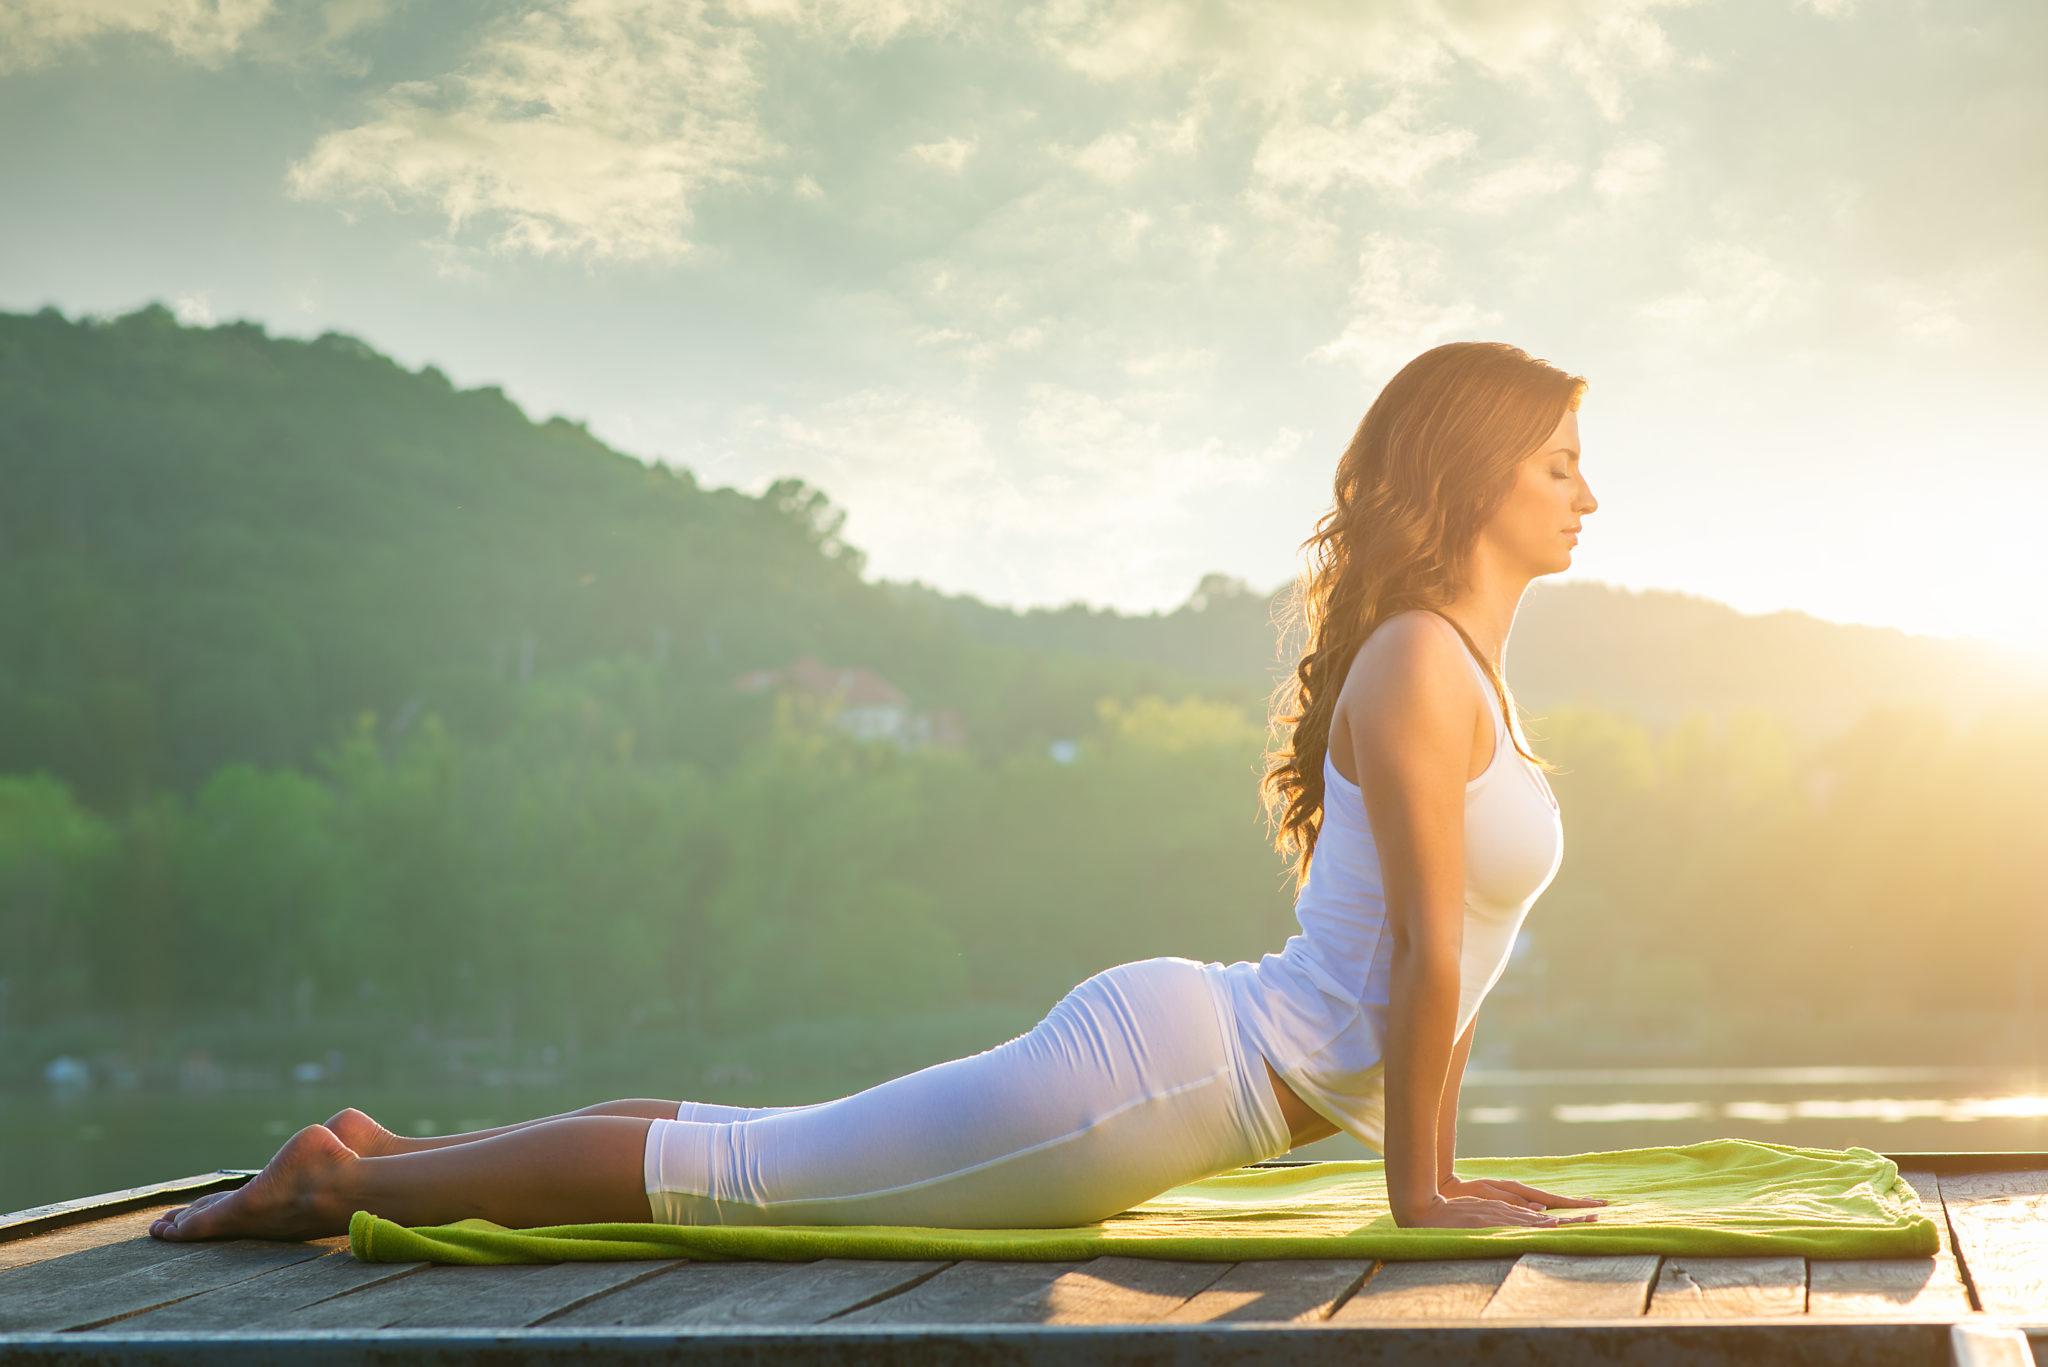 Entspannung-durch-Yoga-iin-der-Natur-Frau-findet-zu-sich-selbst